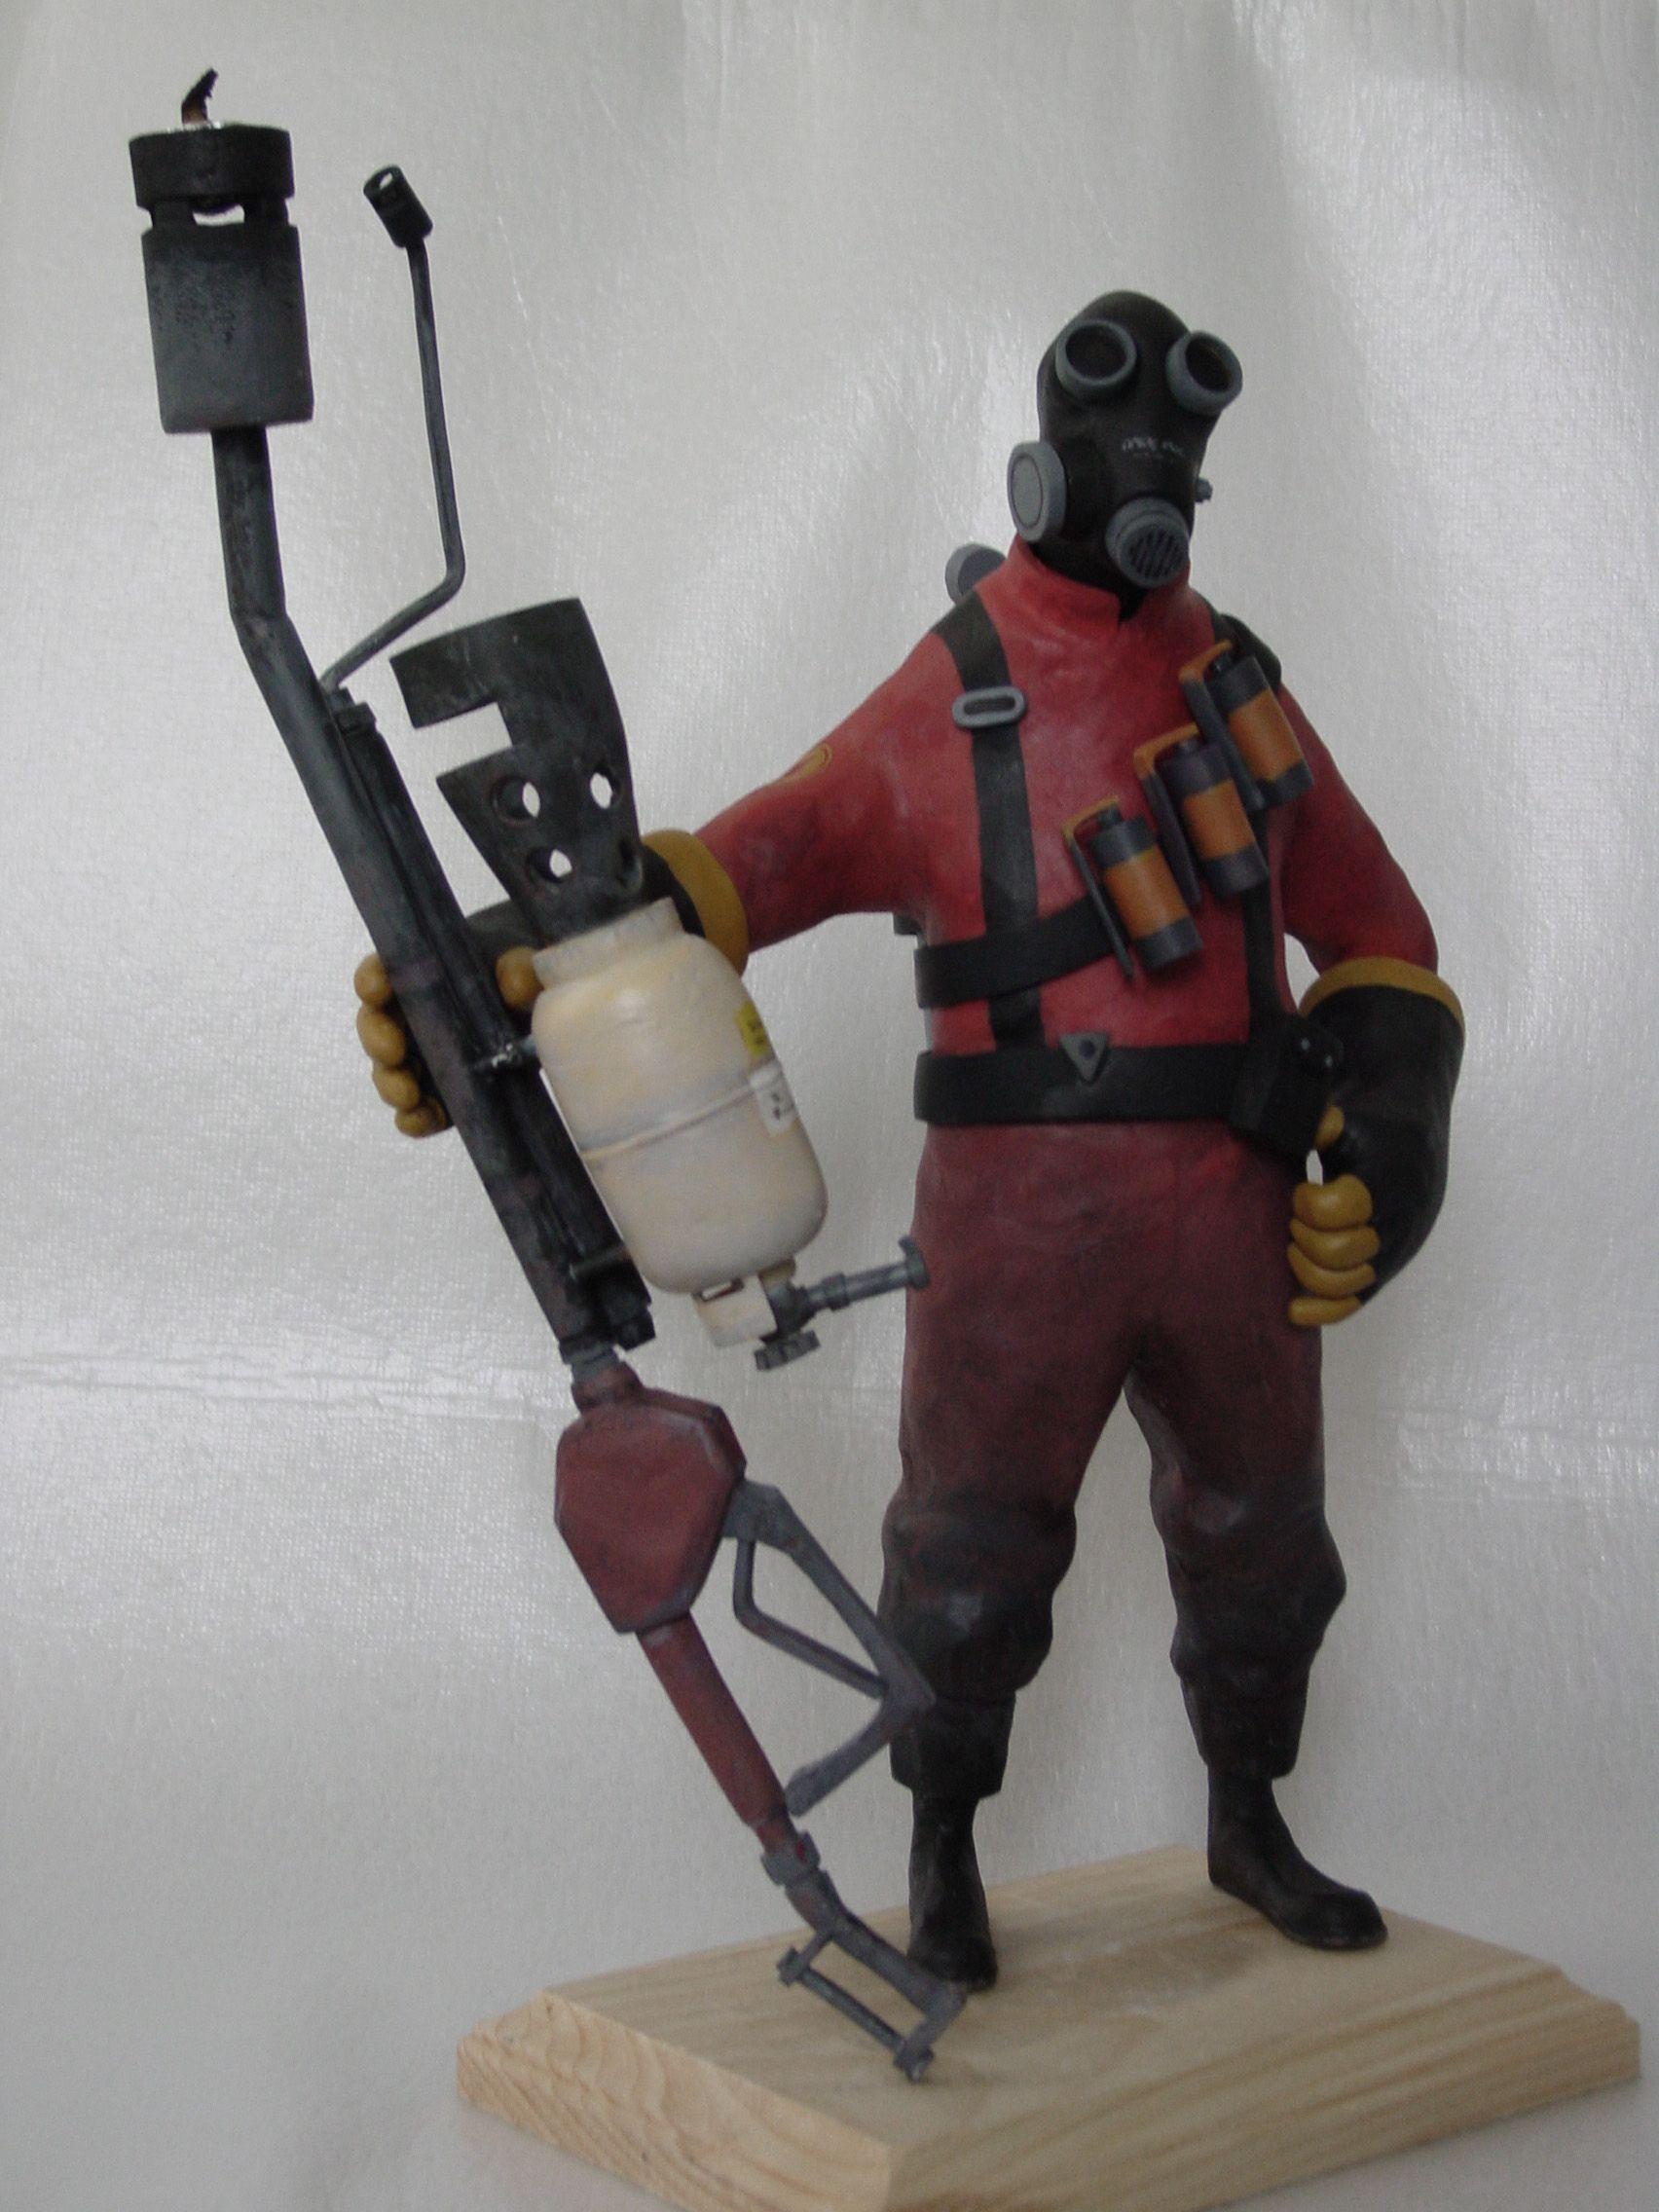 Pyro candle holder